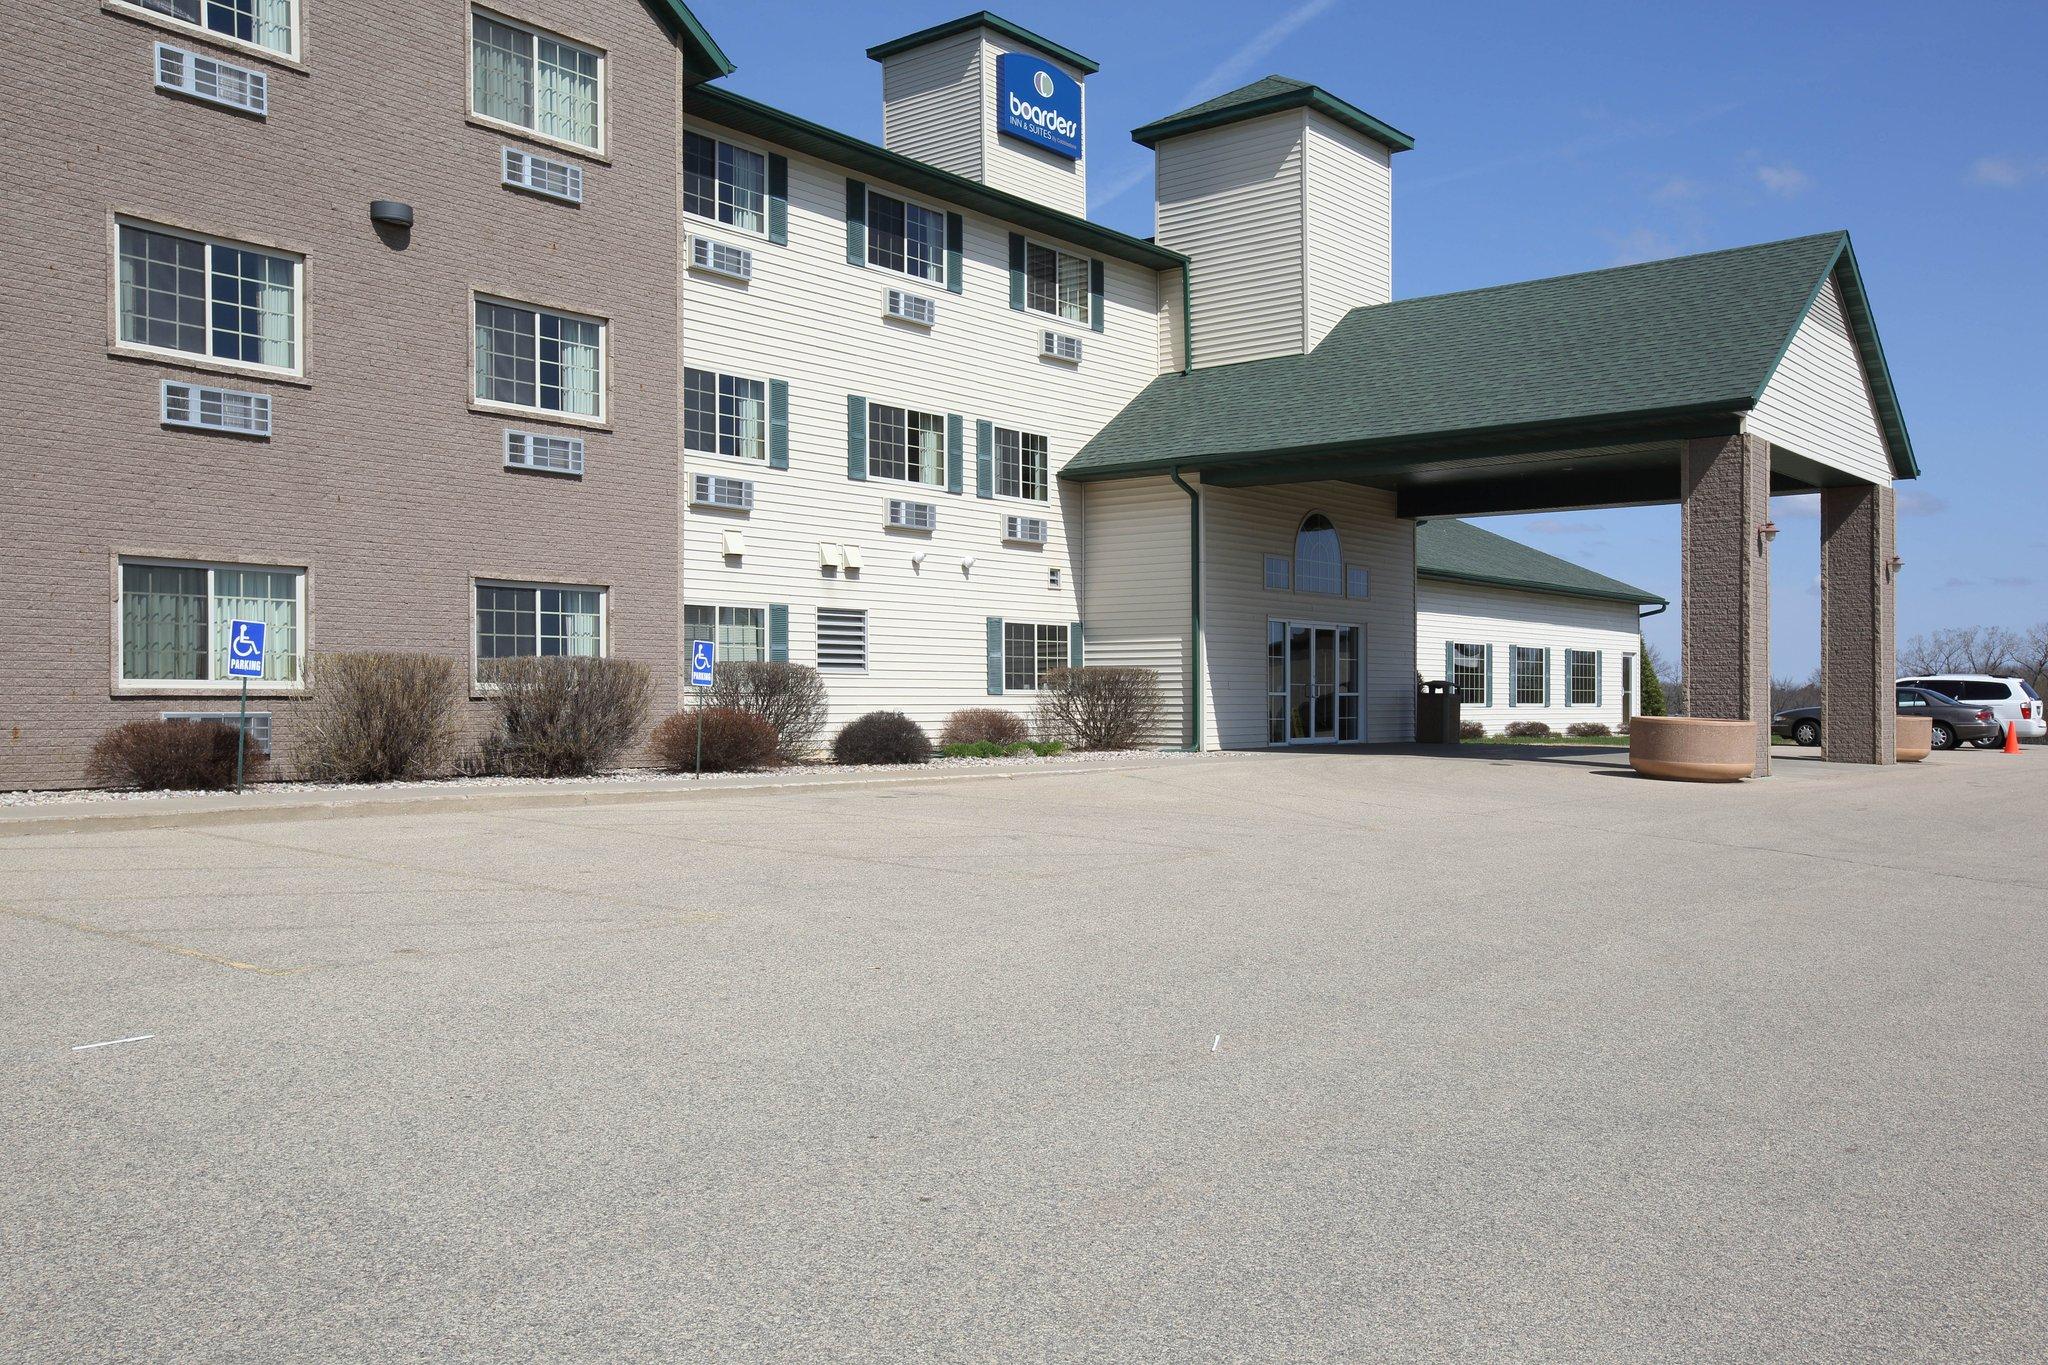 Shawano, WI - Boarders Inn & Suites